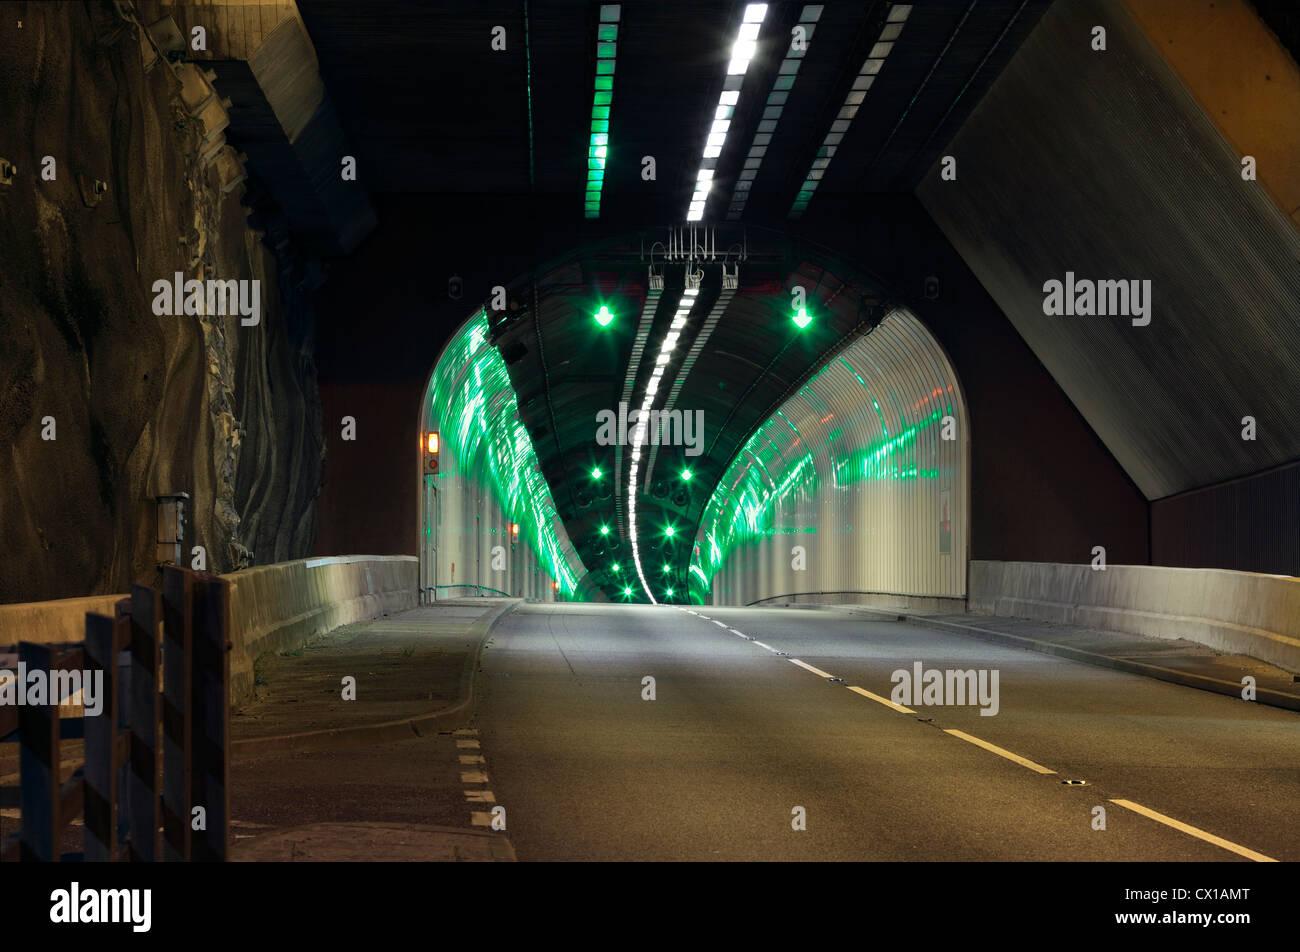 Einer der Pen-y-Clip Straßentunnel auf der A55(T)-Straße zwischen Penmaenmawr und Llanfairfechan, Nordwales. Stockbild